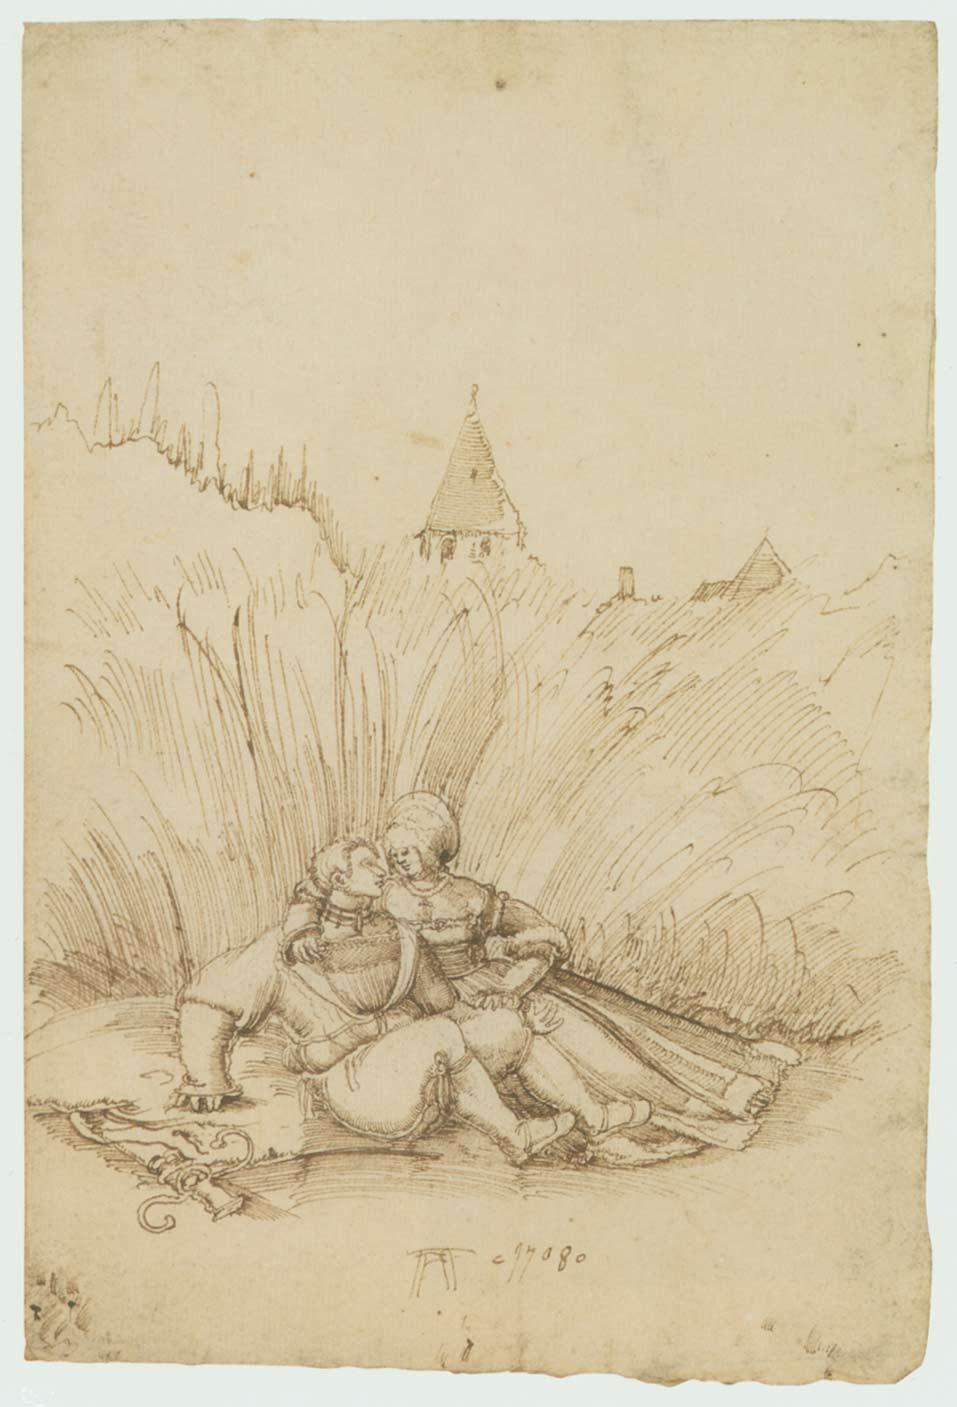 Lovers in a Hay Field, 1508